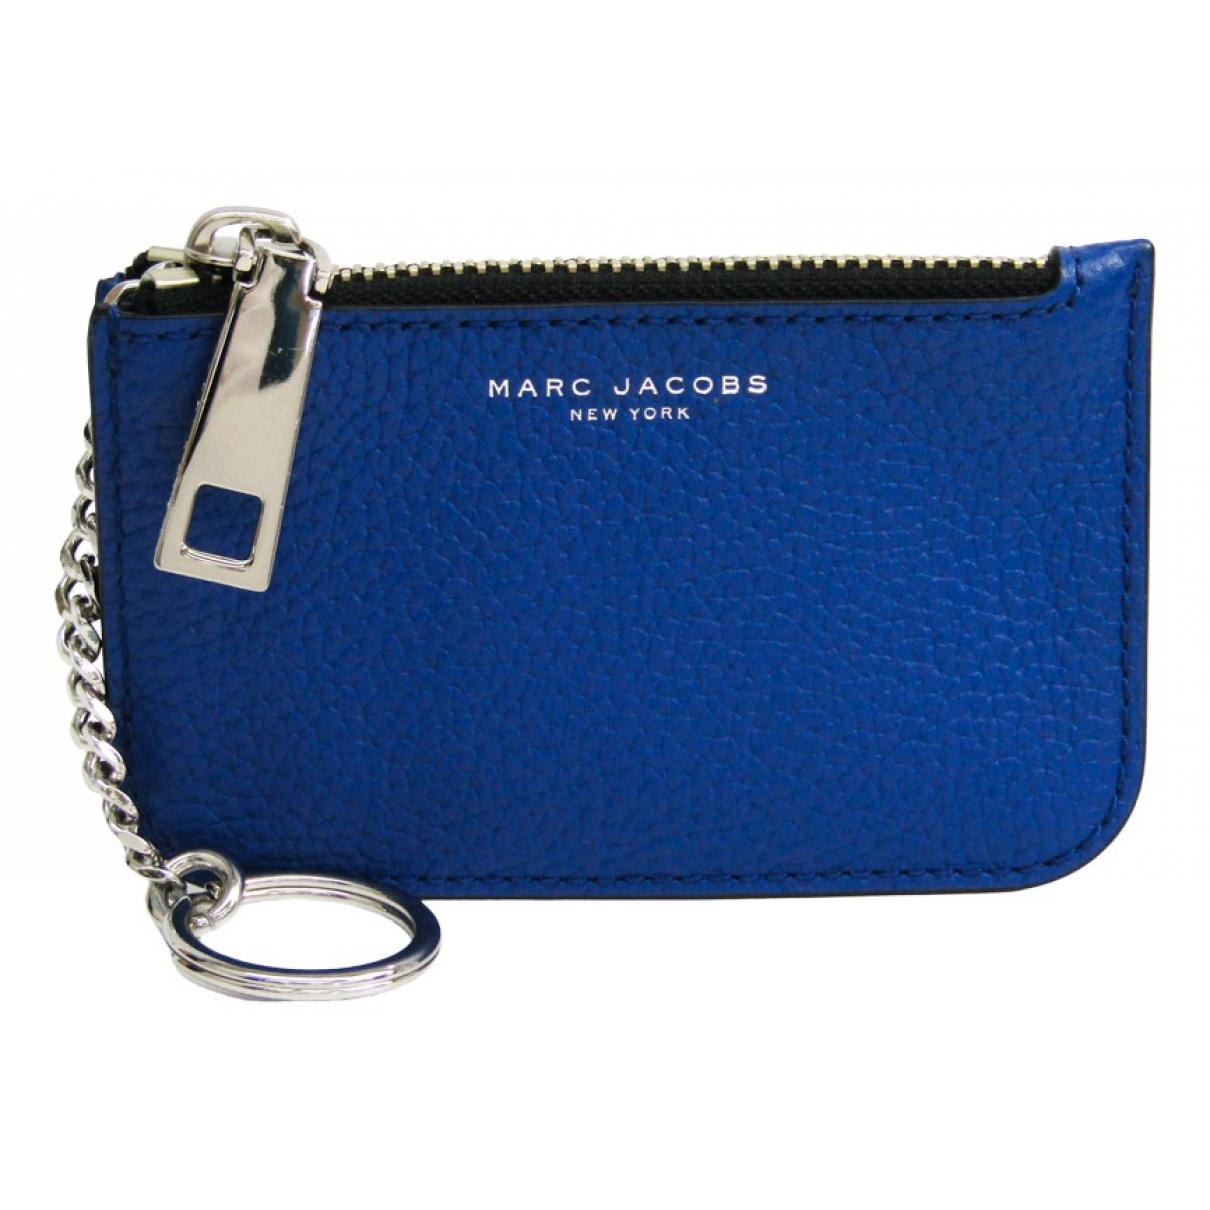 Marc Jacobs \N Kleinlederwaren in  Blau Leder